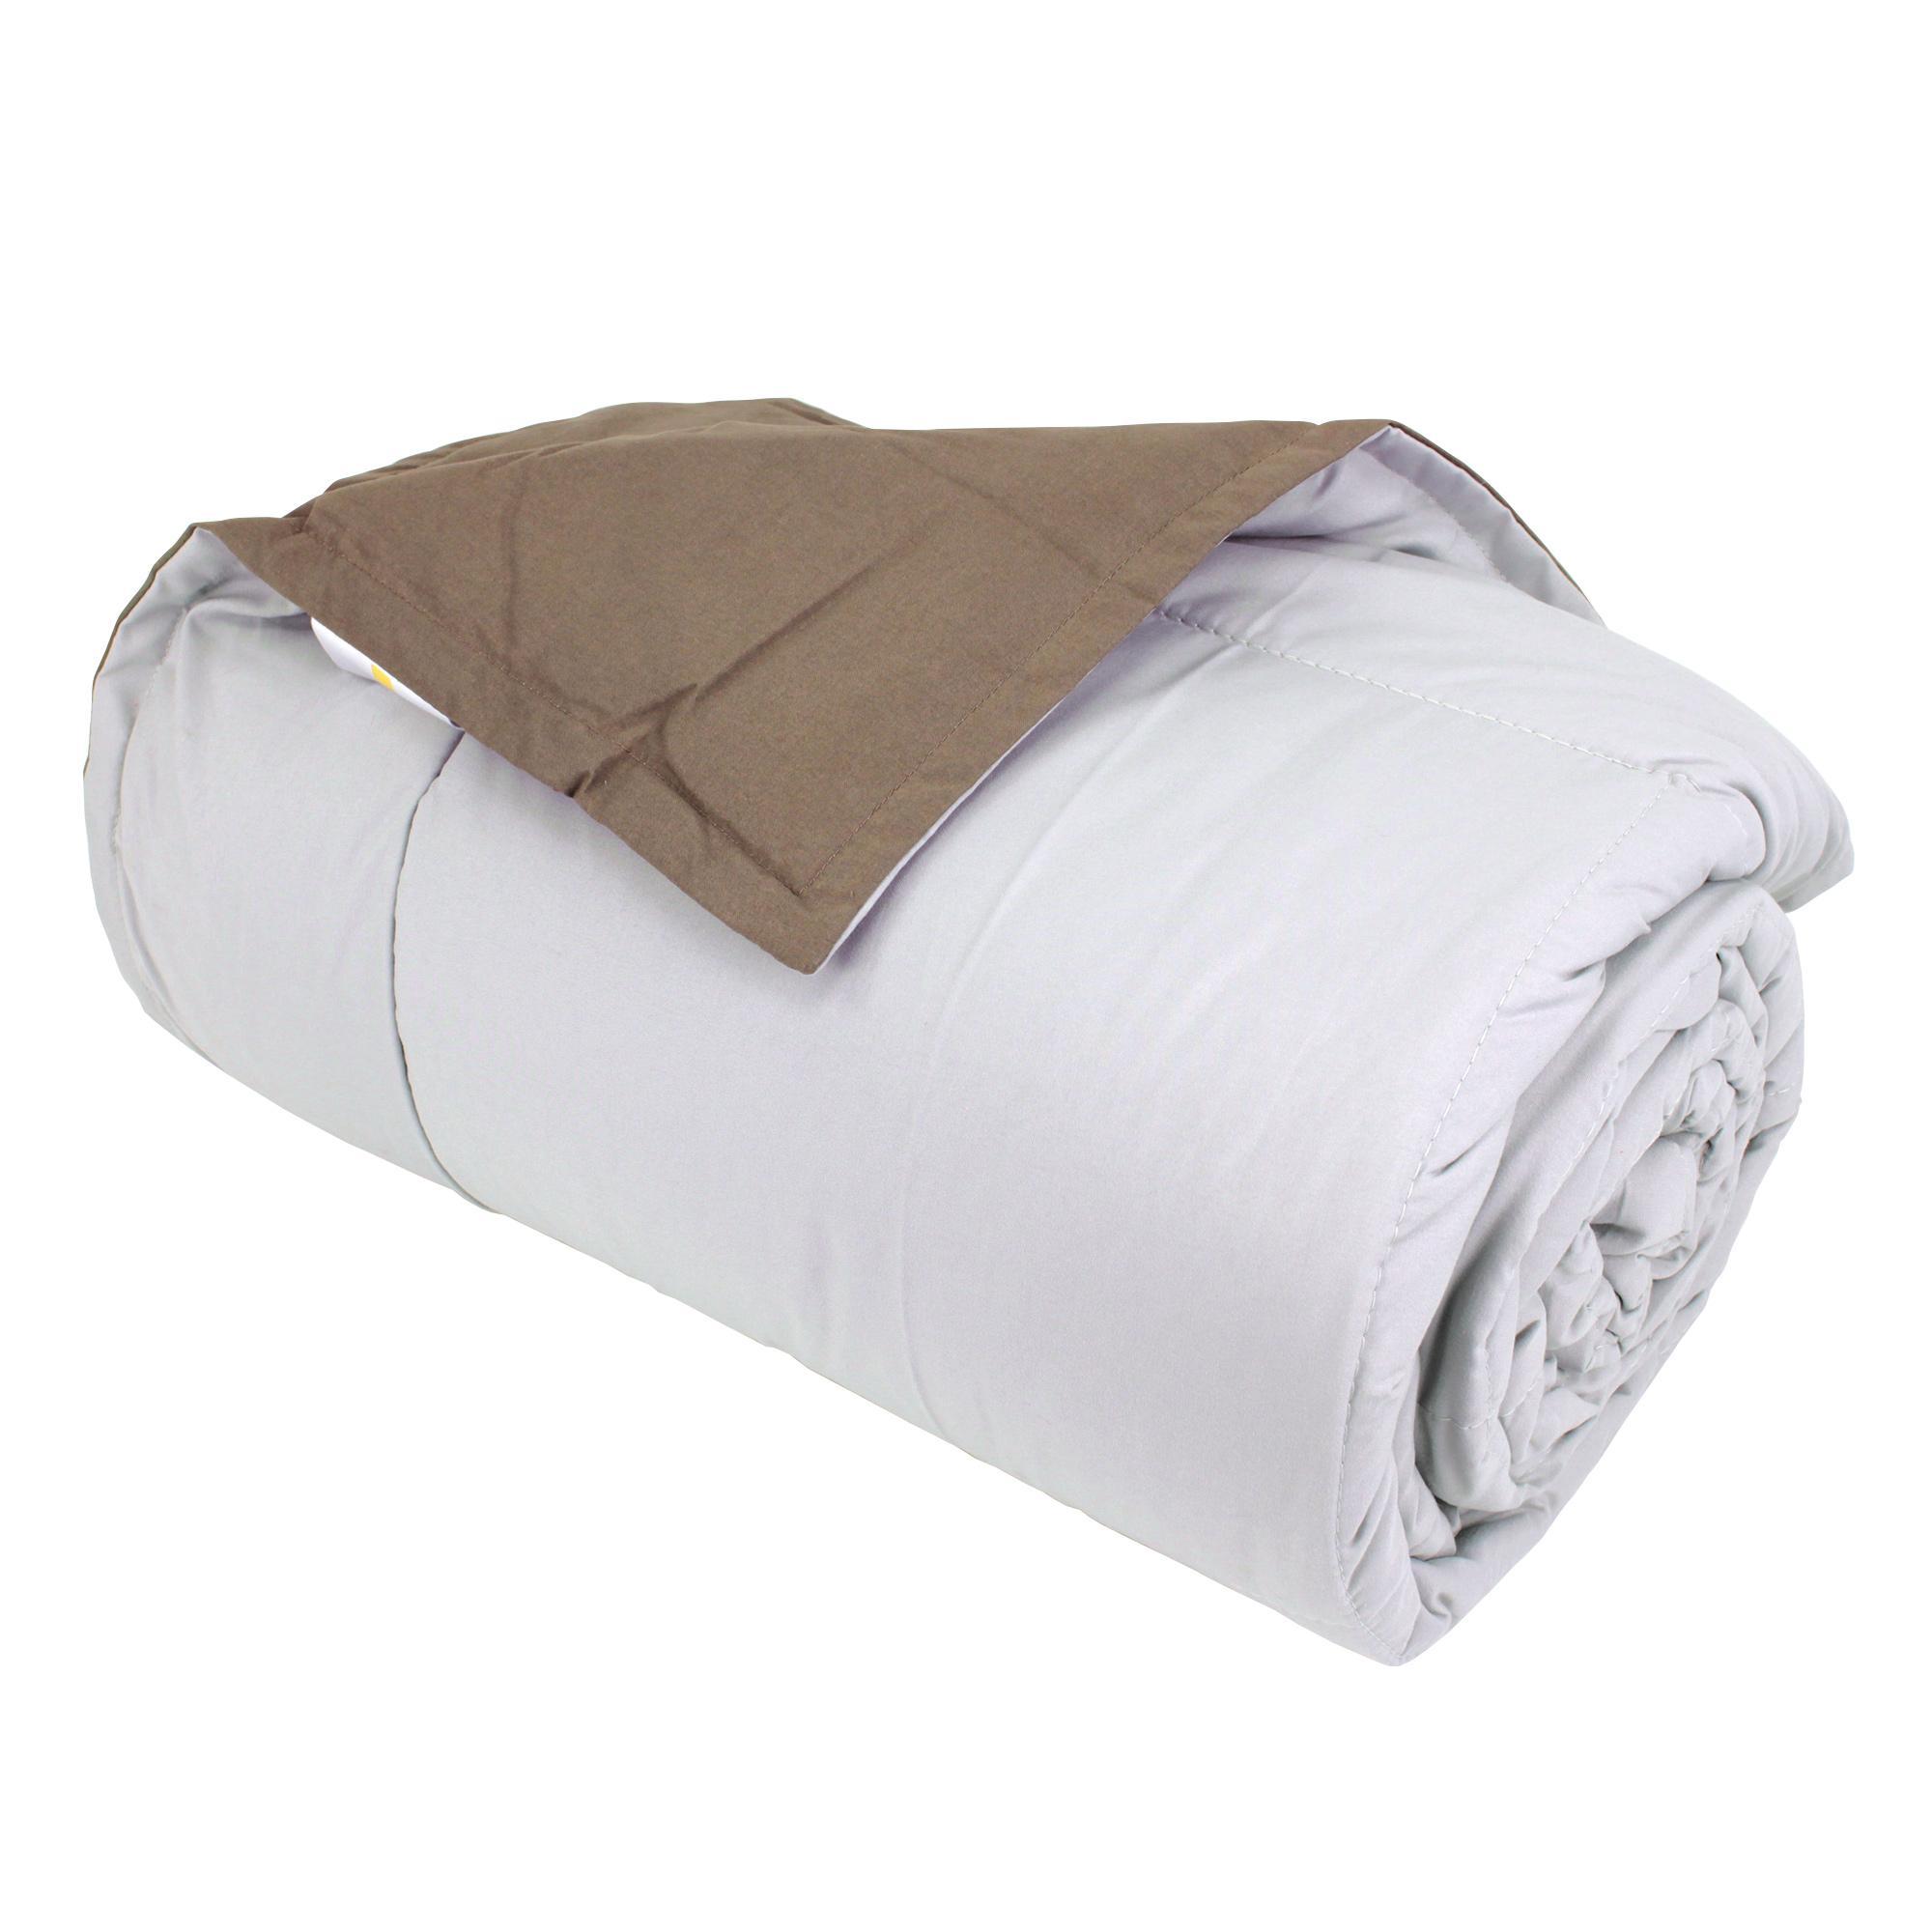 dessus de lit bicolore frisbee 240x260 cm perle taupe linnea vente de linge de maison. Black Bedroom Furniture Sets. Home Design Ideas